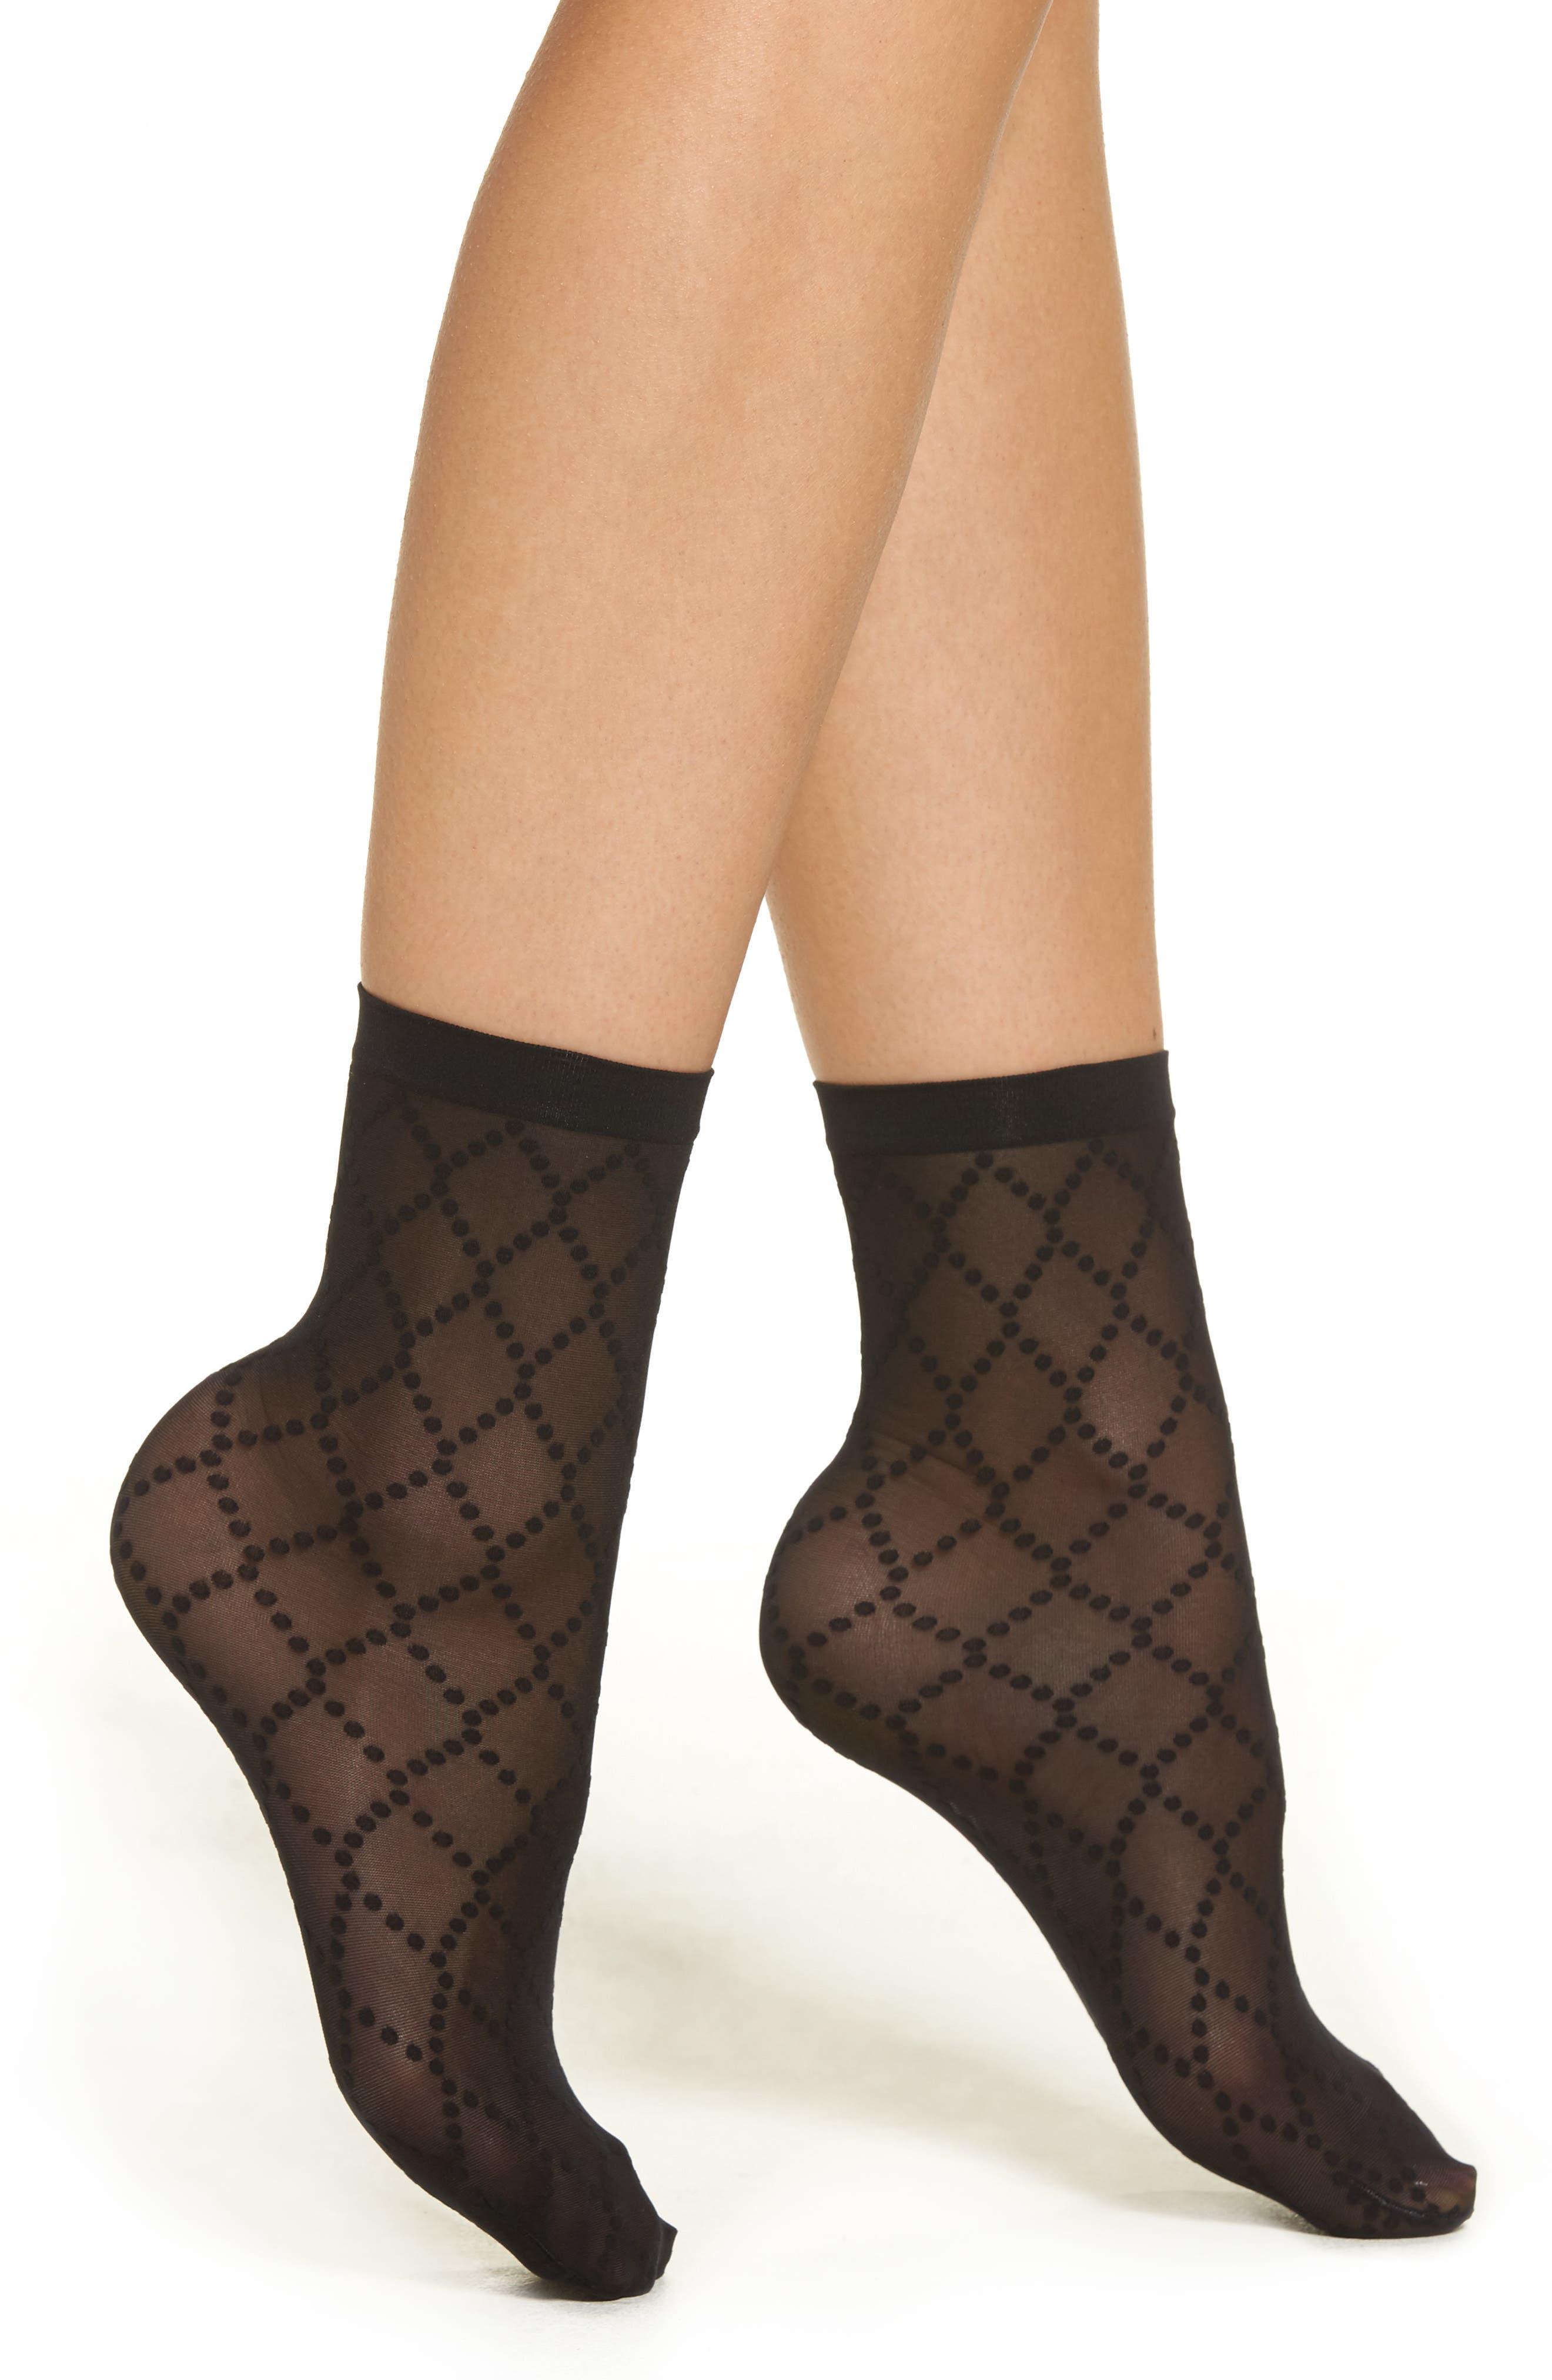 Dot Mesh Trouser Socks,                         Main,                         color, Black/ Black